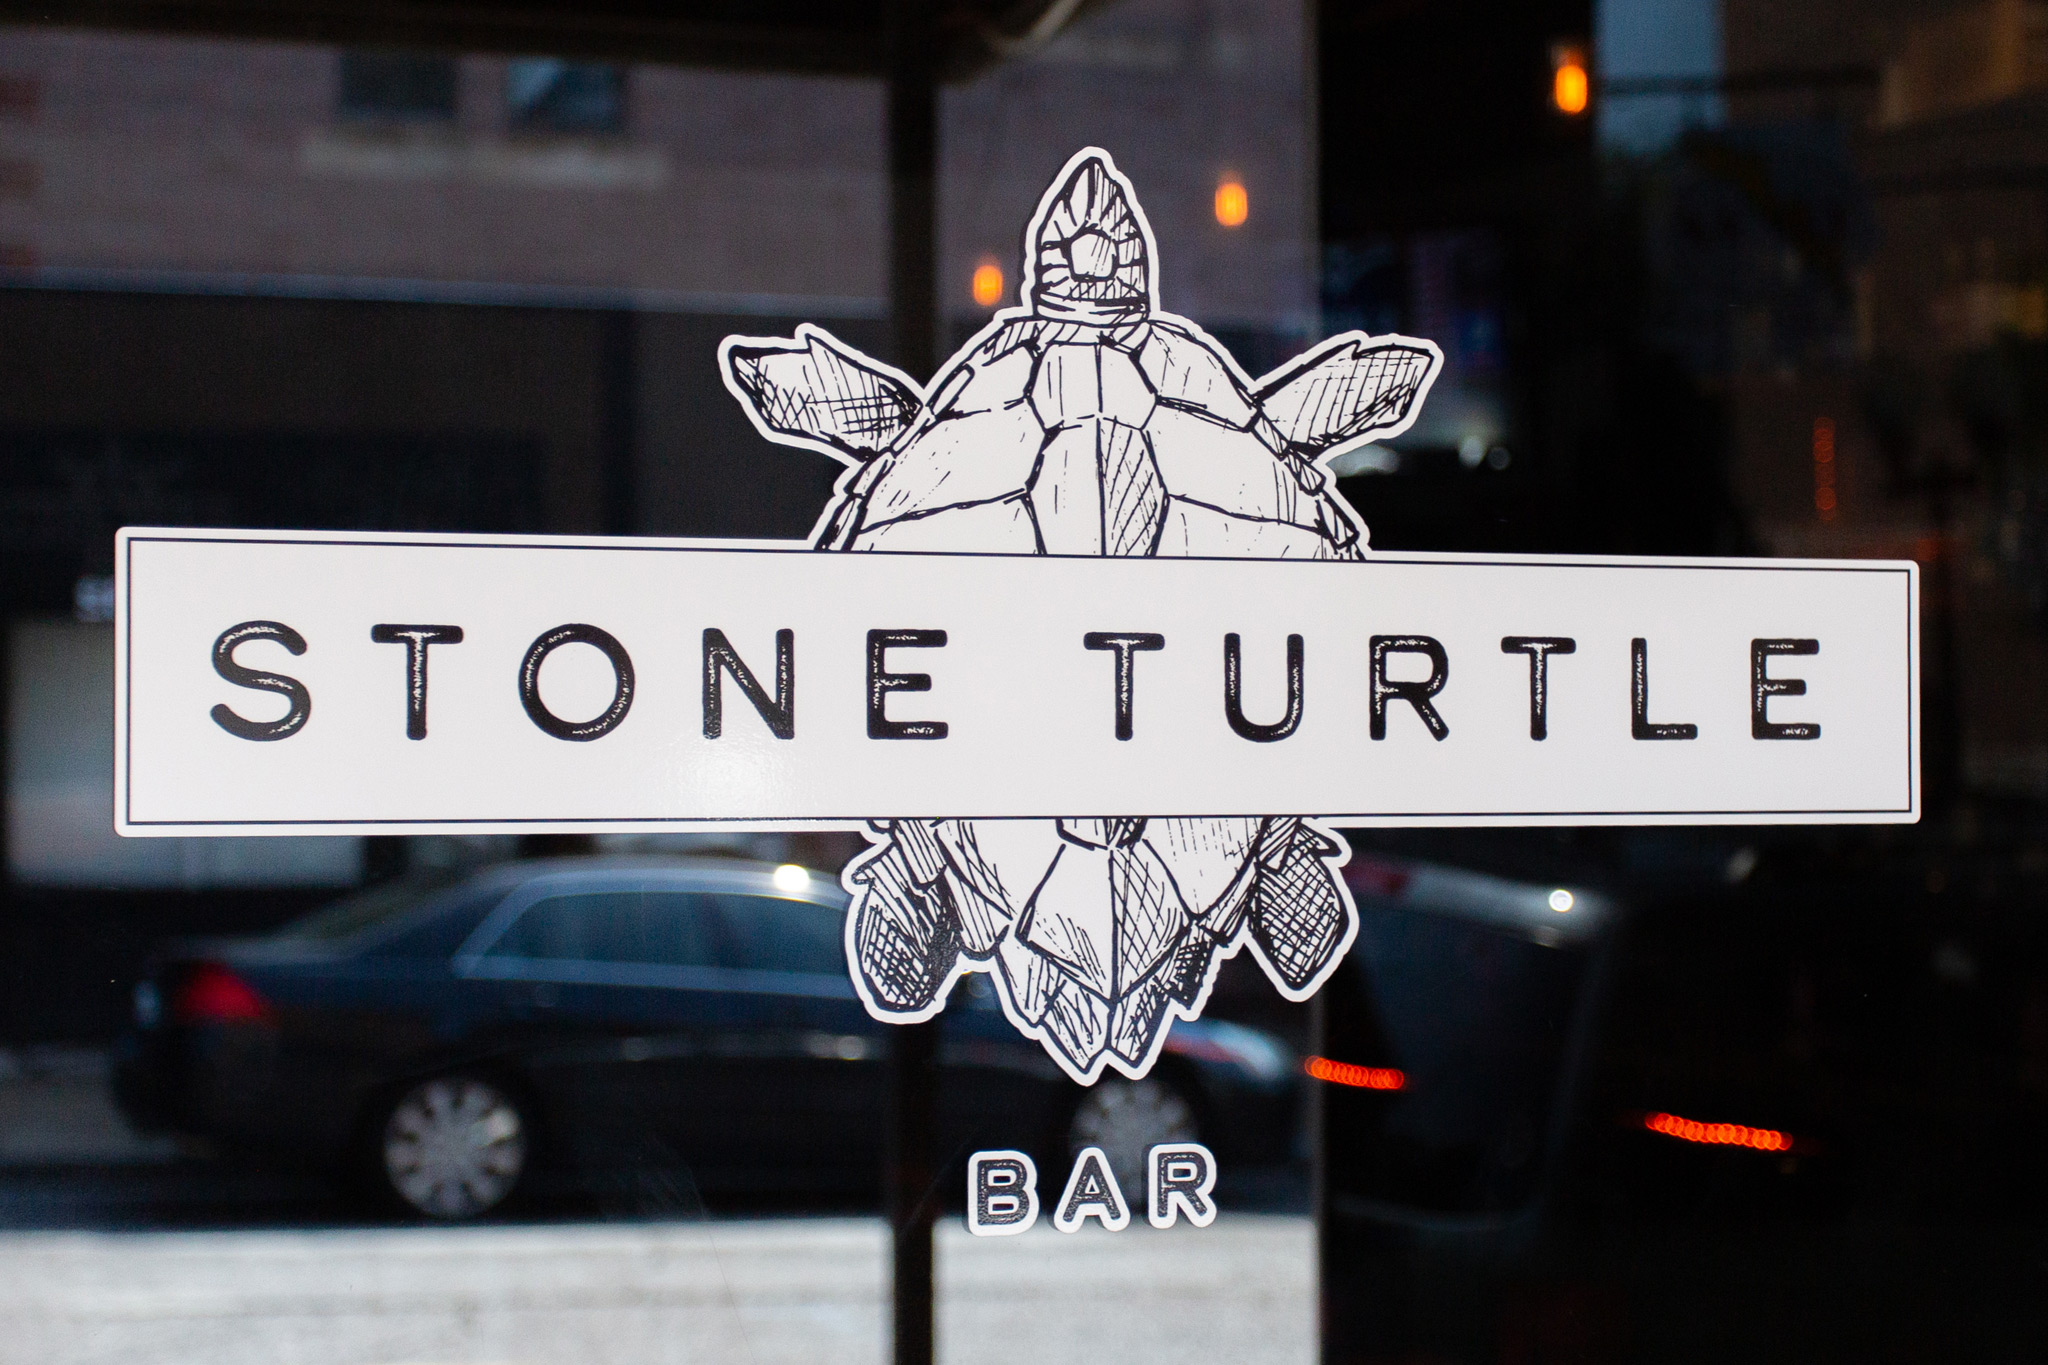 StoneTurtleLogoOnFrontDoor_2048x1365.jpg